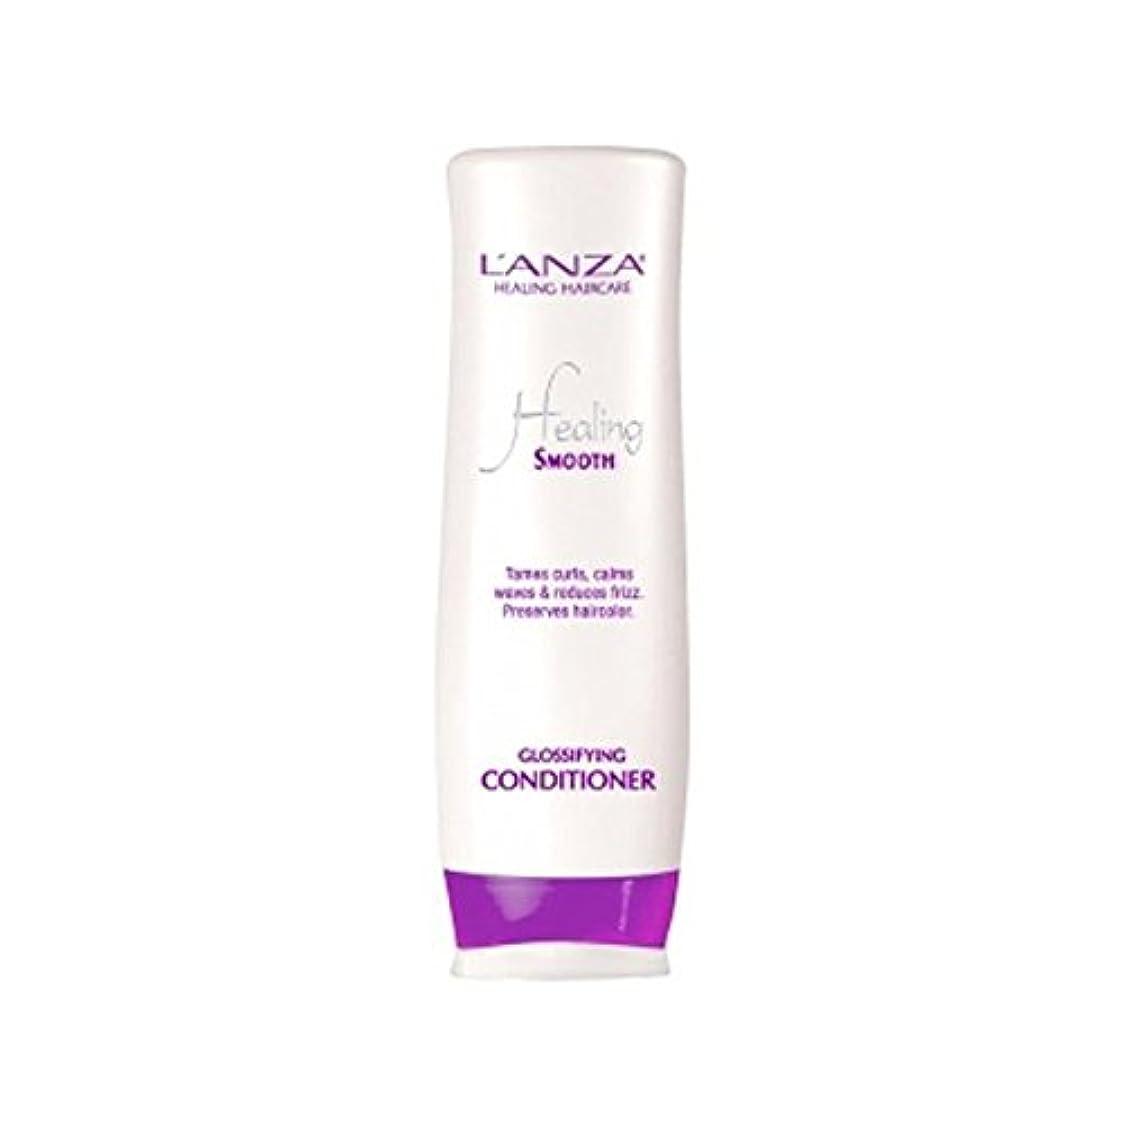 意欲後悔講師L'Anza Healing Smooth Glossifying Conditioner (250ml) - スムーズなコンディショナーを癒し'アンザ(250ミリリットル) [並行輸入品]